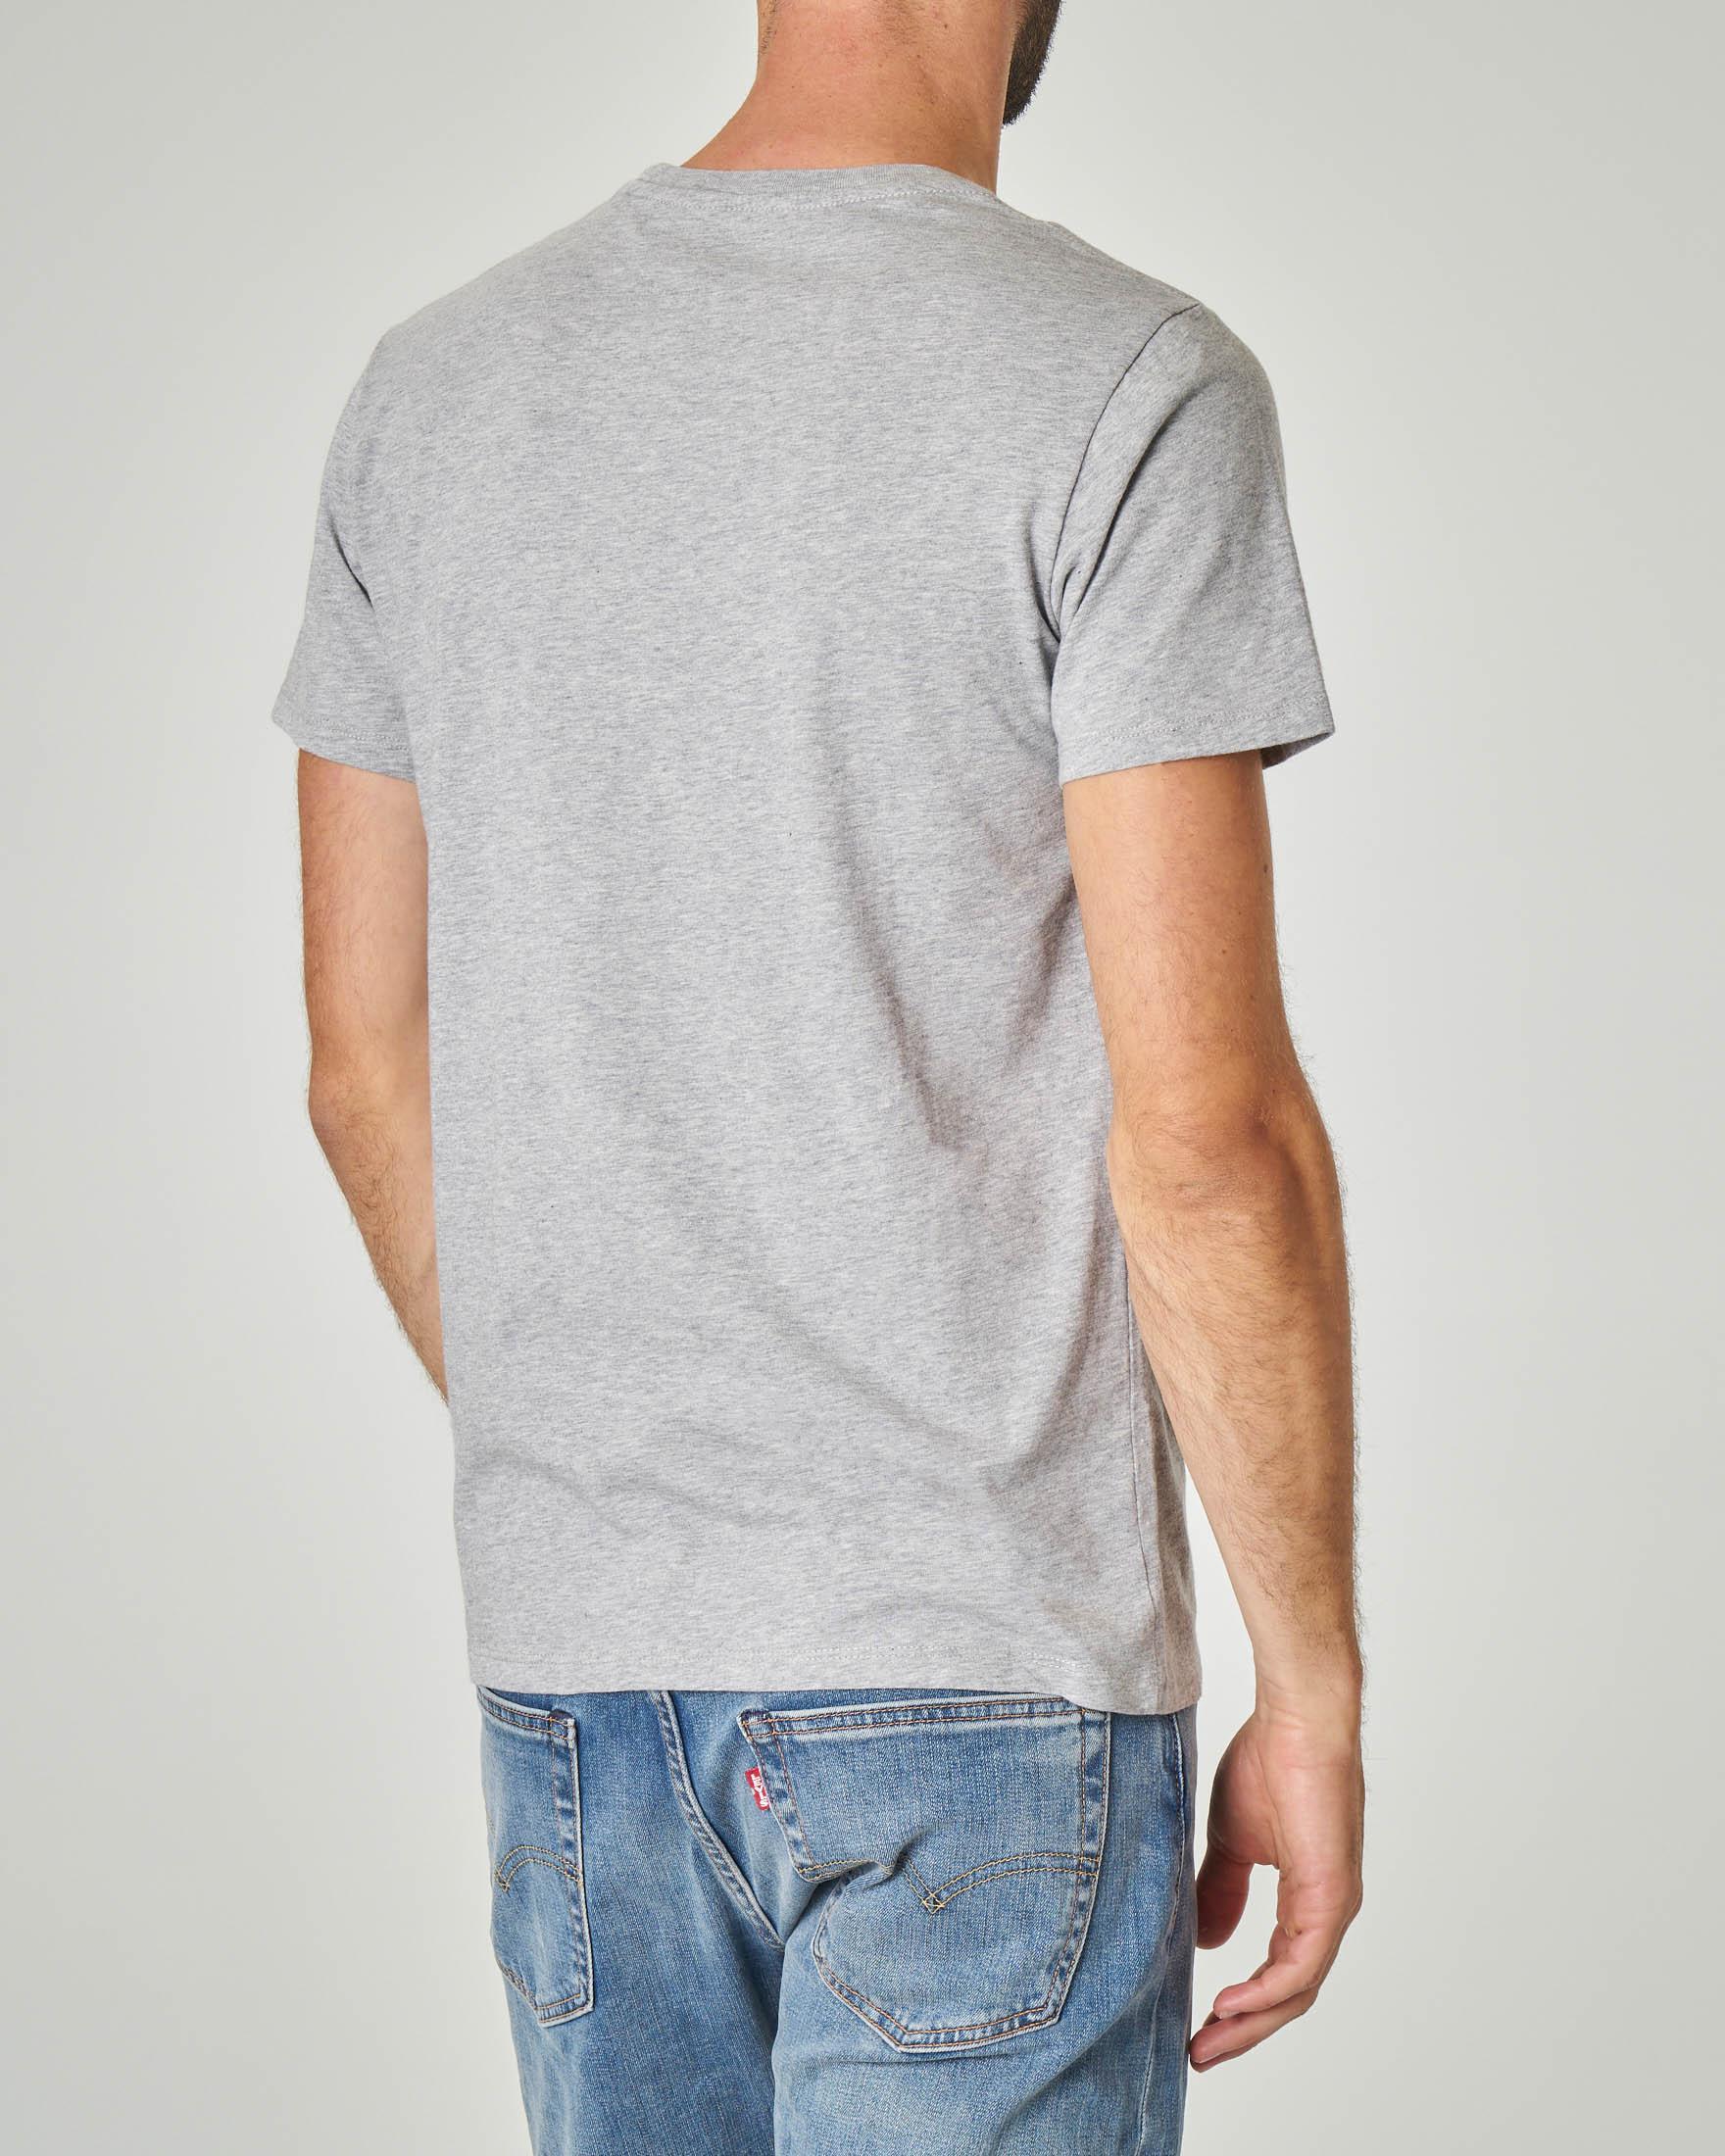 T-shirt grigia con logo sportswear centrale sul petto